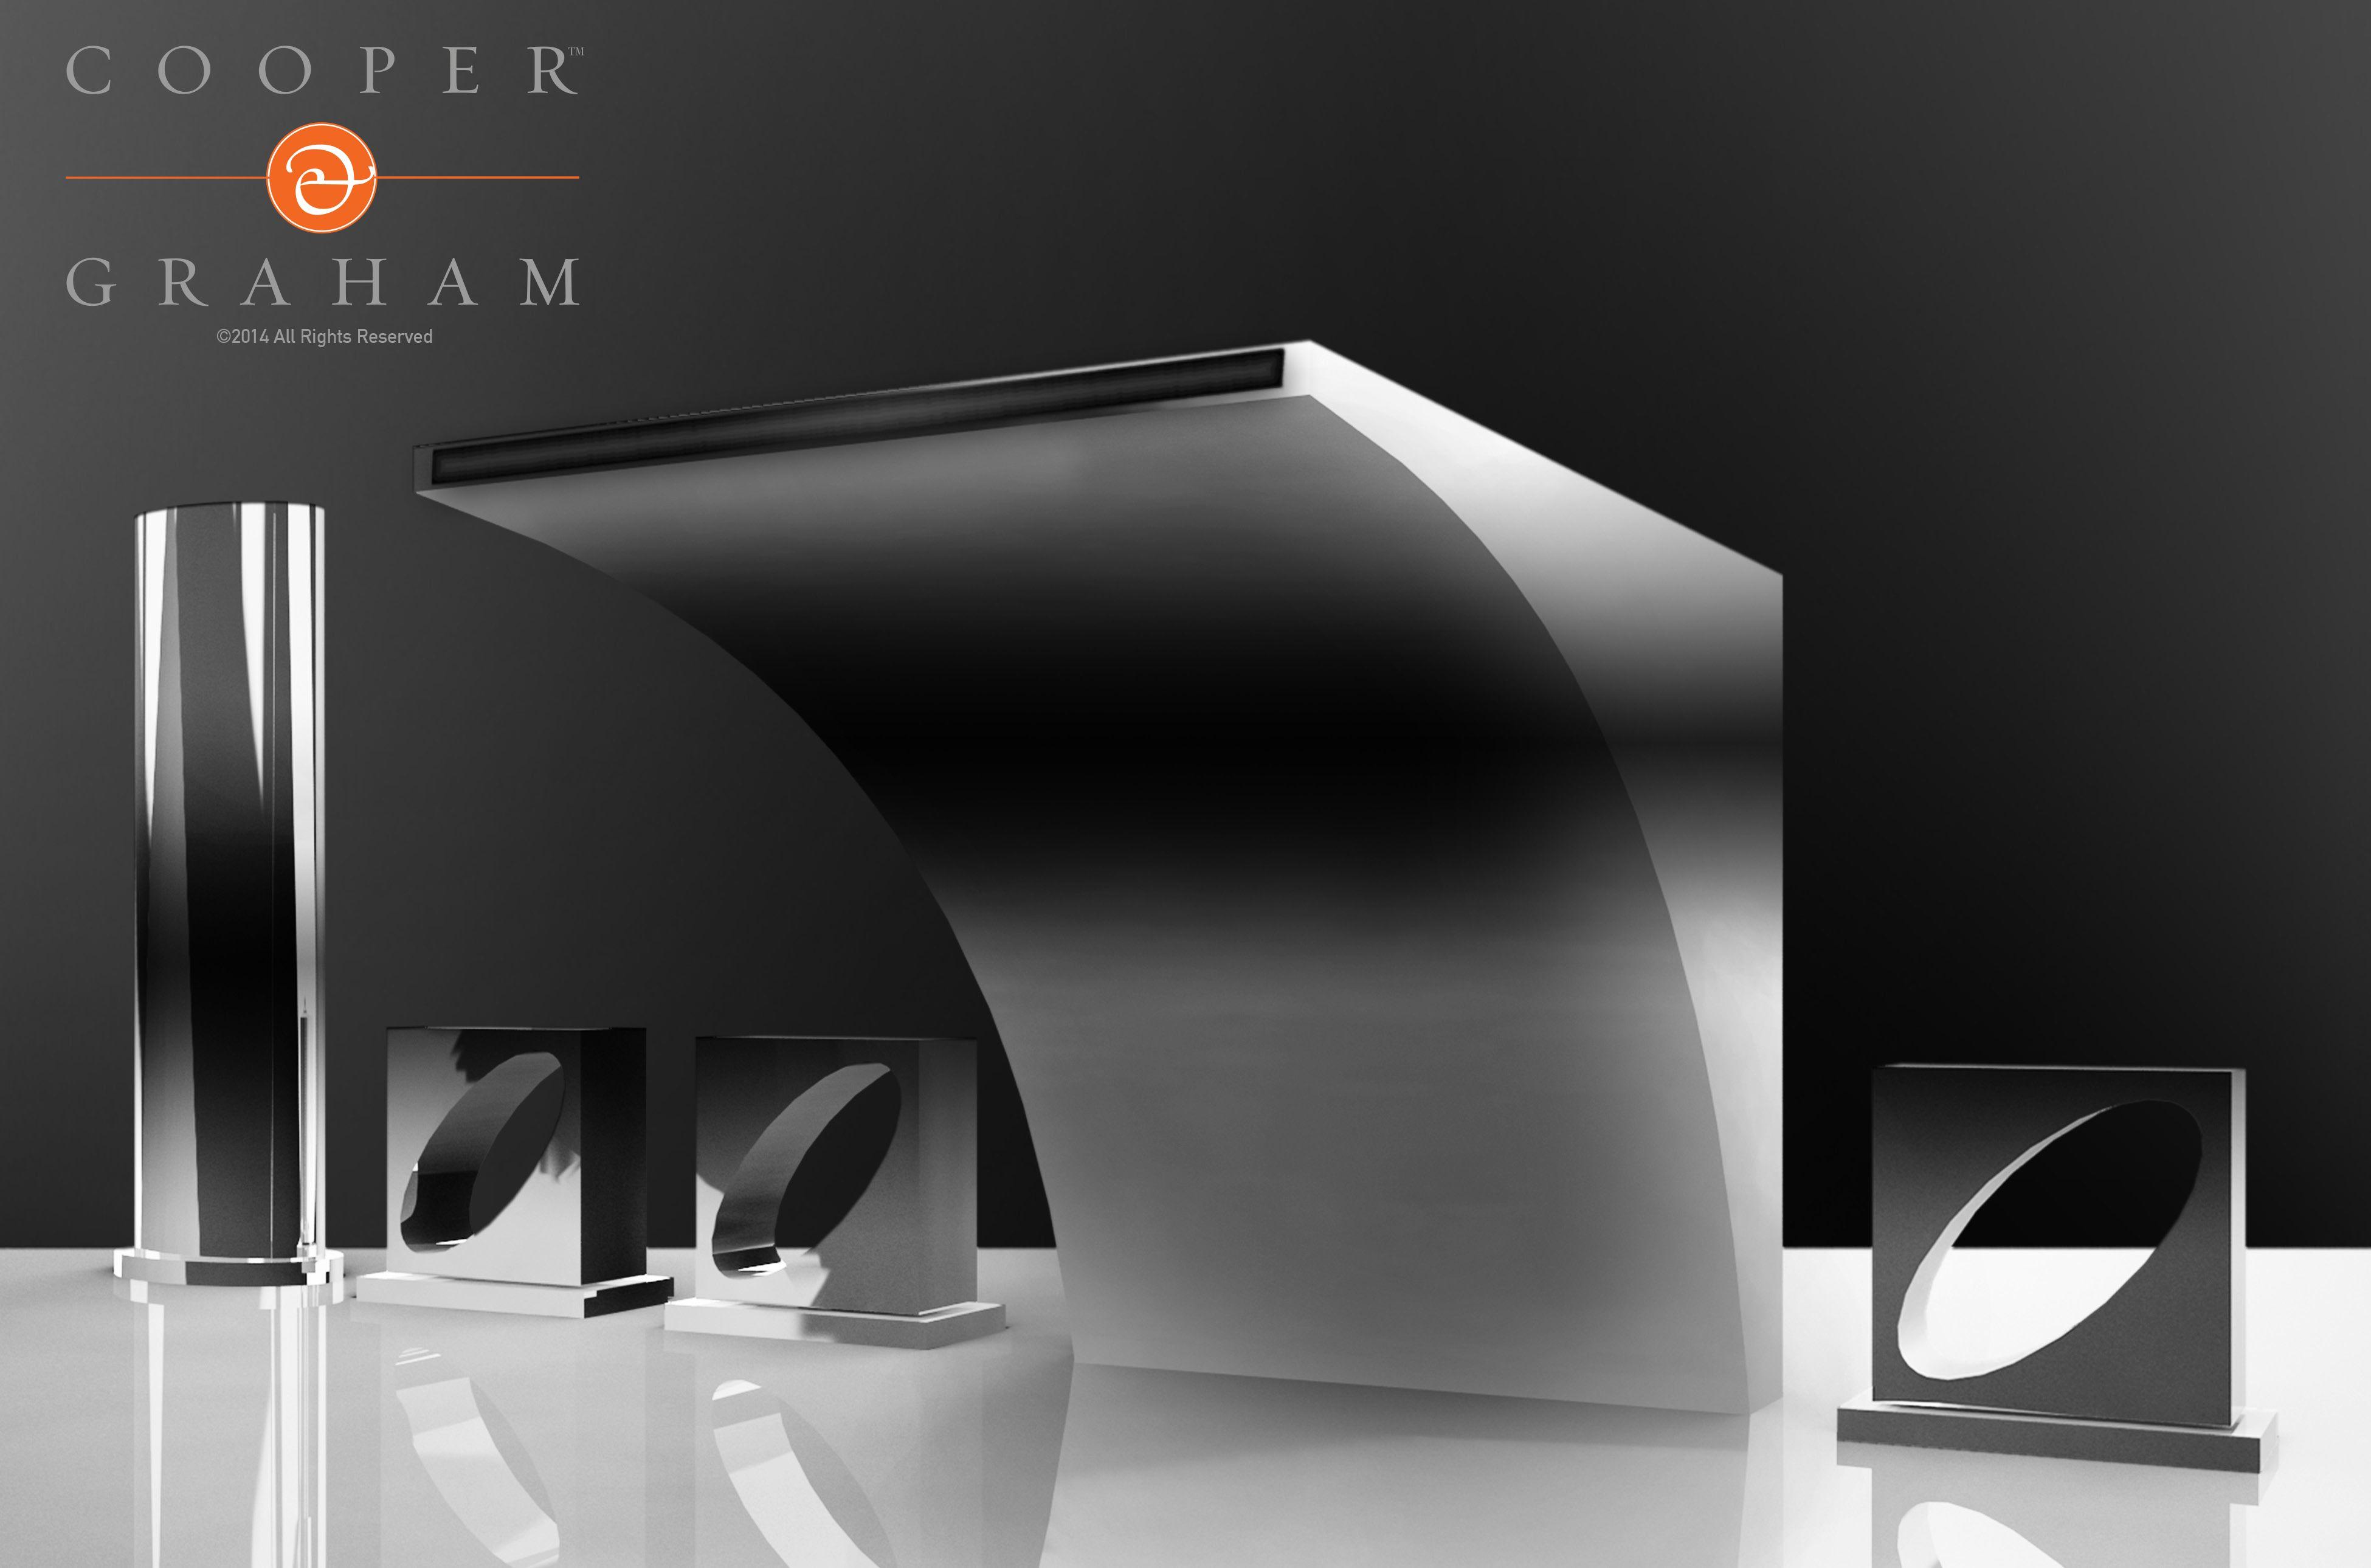 Ellipsis deck mounted bath faucet by C&G | faucet | Pinterest ...